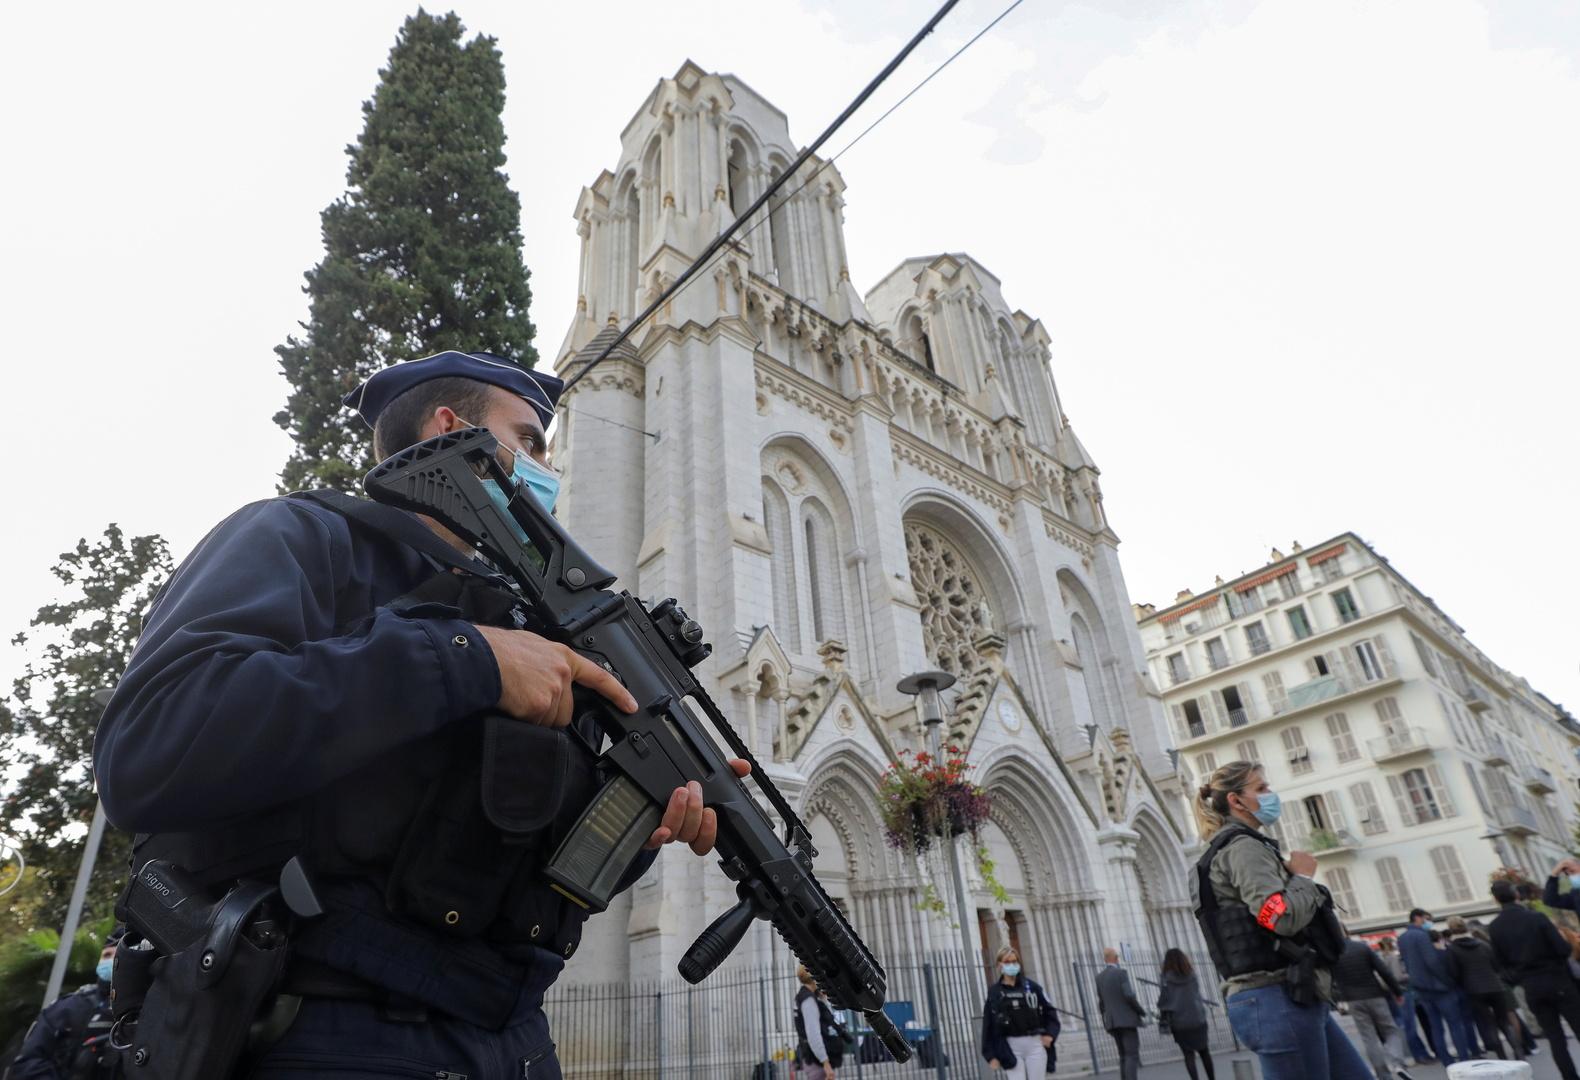 الجزائر تدين هجوم نيس وتؤكد رفضها